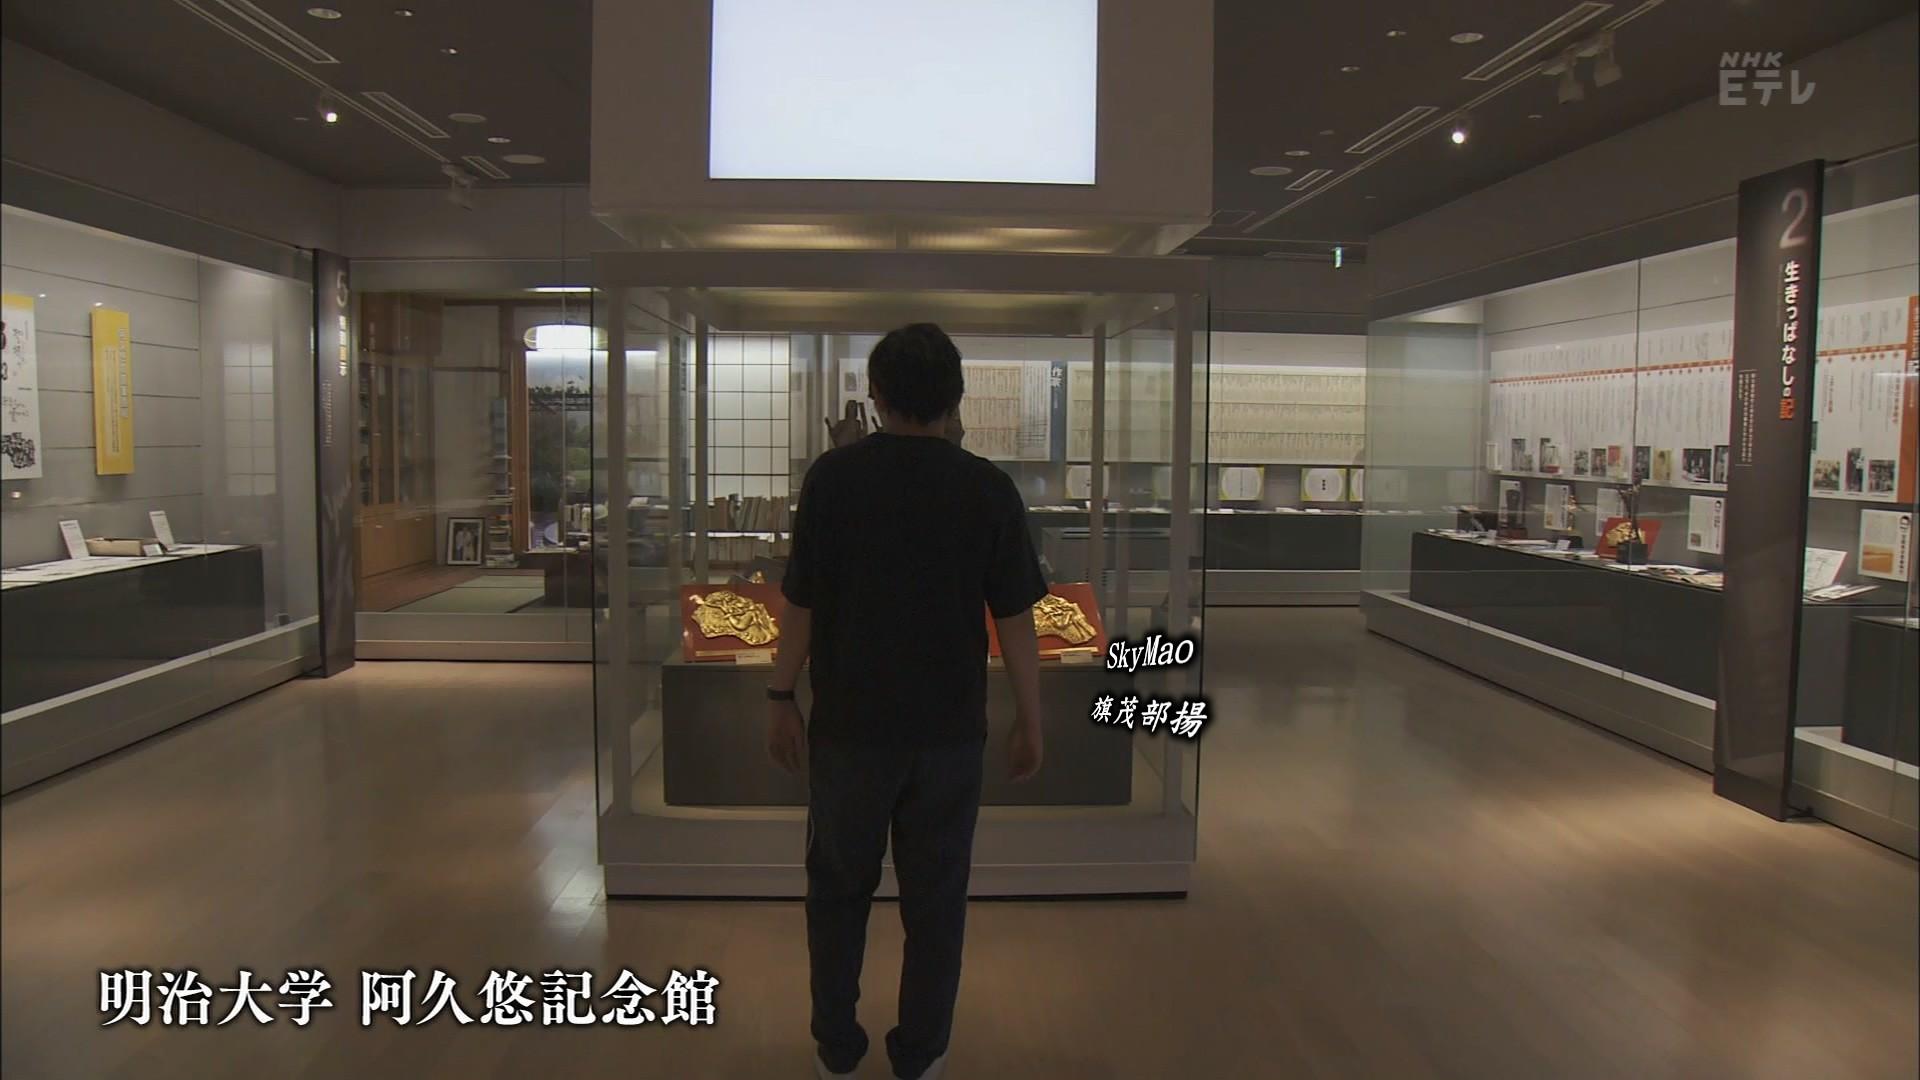 2017.09.23 全場(いきものがかり水野良樹の阿久悠をめぐる対話).ts_20170924_015953.845